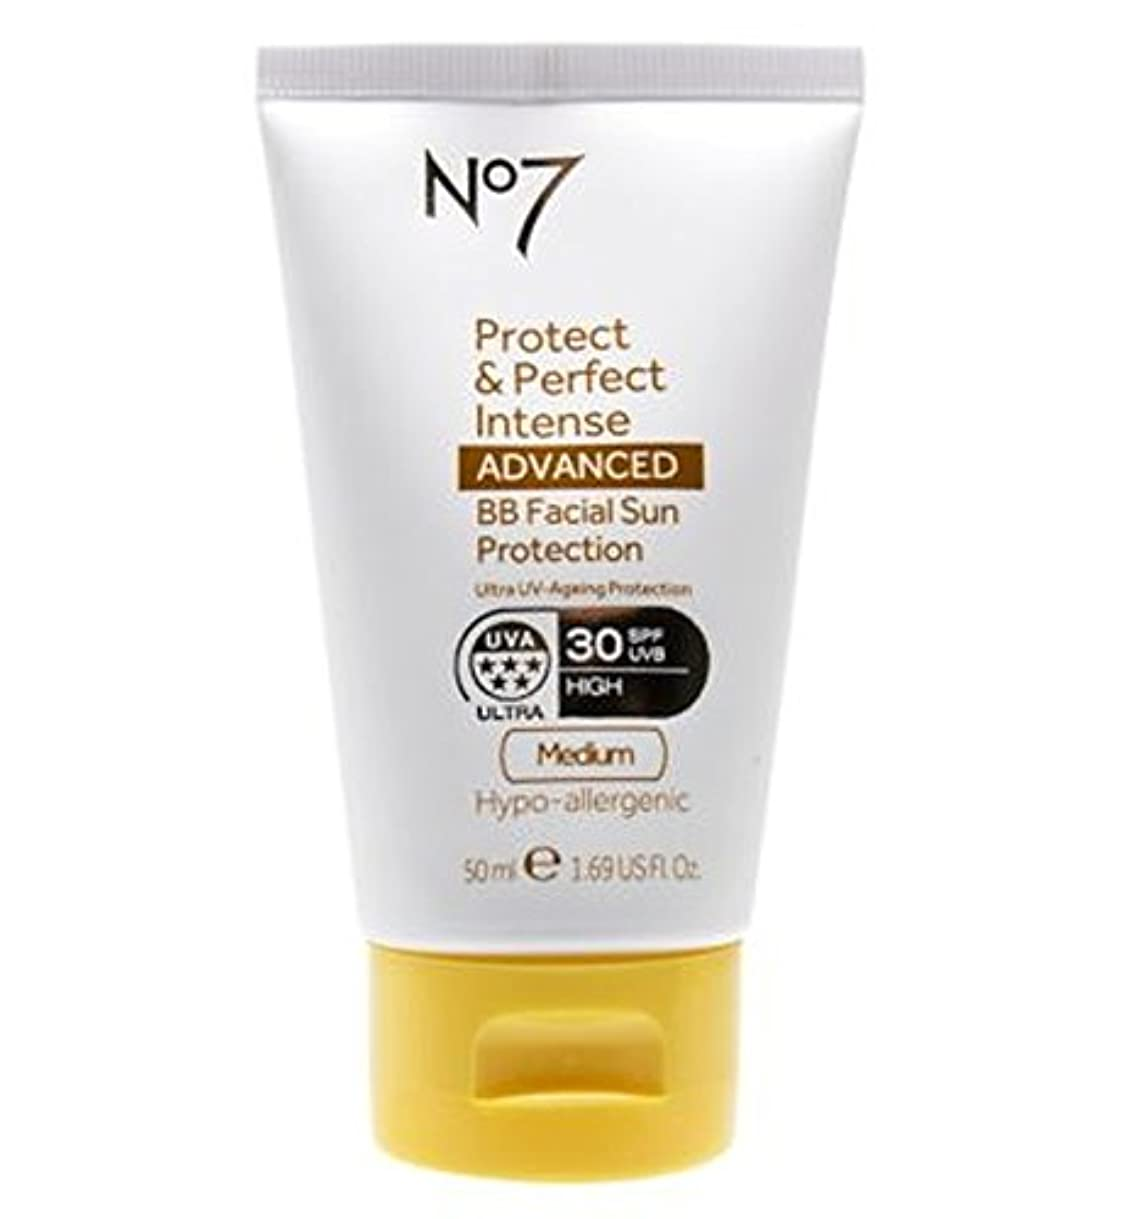 練習隠す混乱No7保護&完璧な強烈な先進Bb顔の日焼け防止Spf30培地50ミリリットル (No7) (x2) - No7 Protect & Perfect Intense ADVANCED BB Facial Sun Protection...